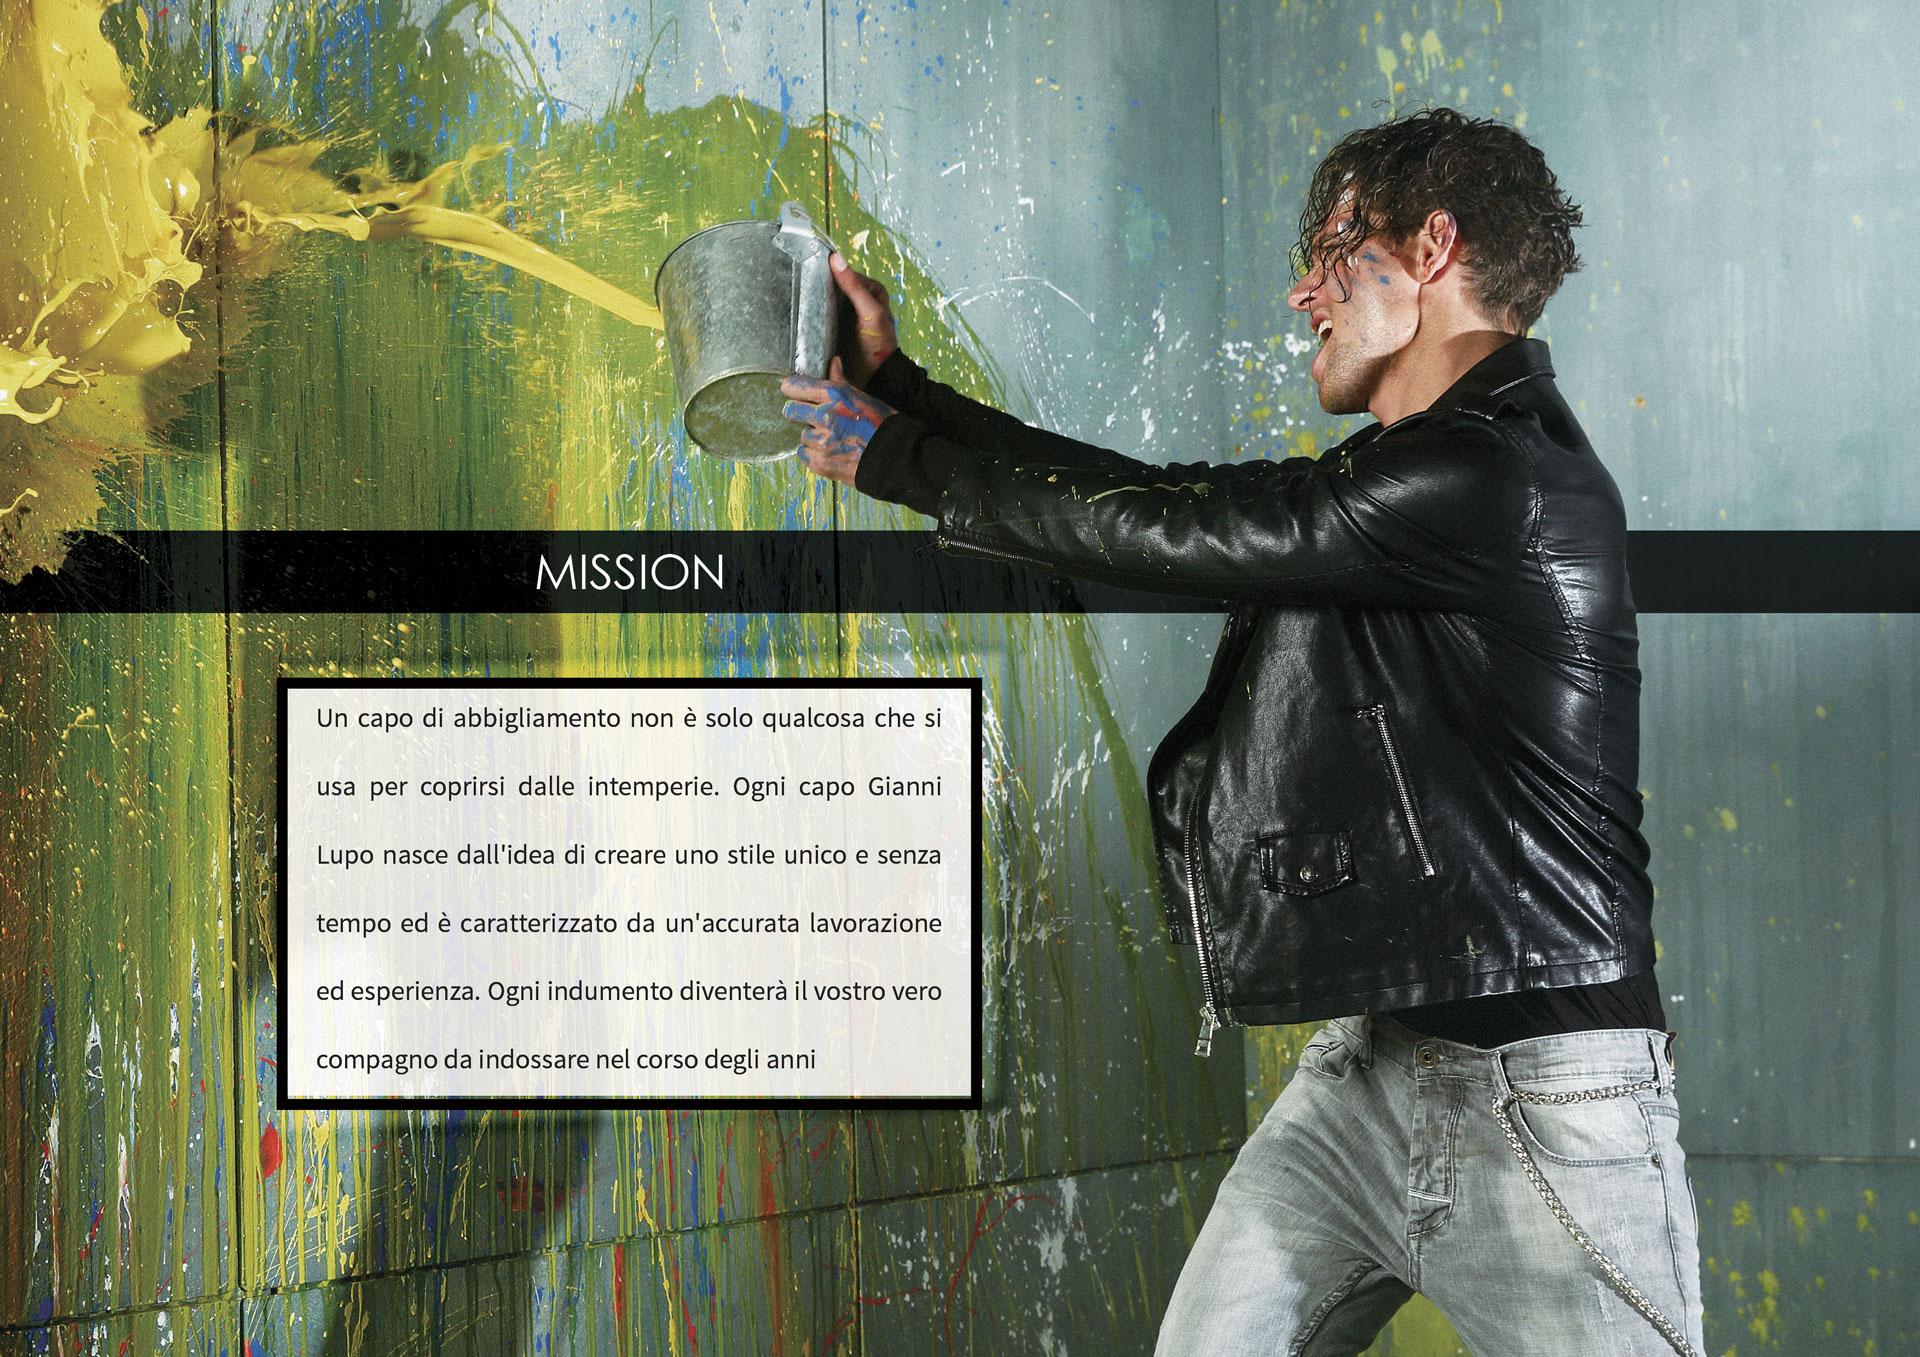 Ogni capo Gianni Lupo nasce per creare uno stile unico caratterizzato da un'accurata lavorazione ed esperienza.